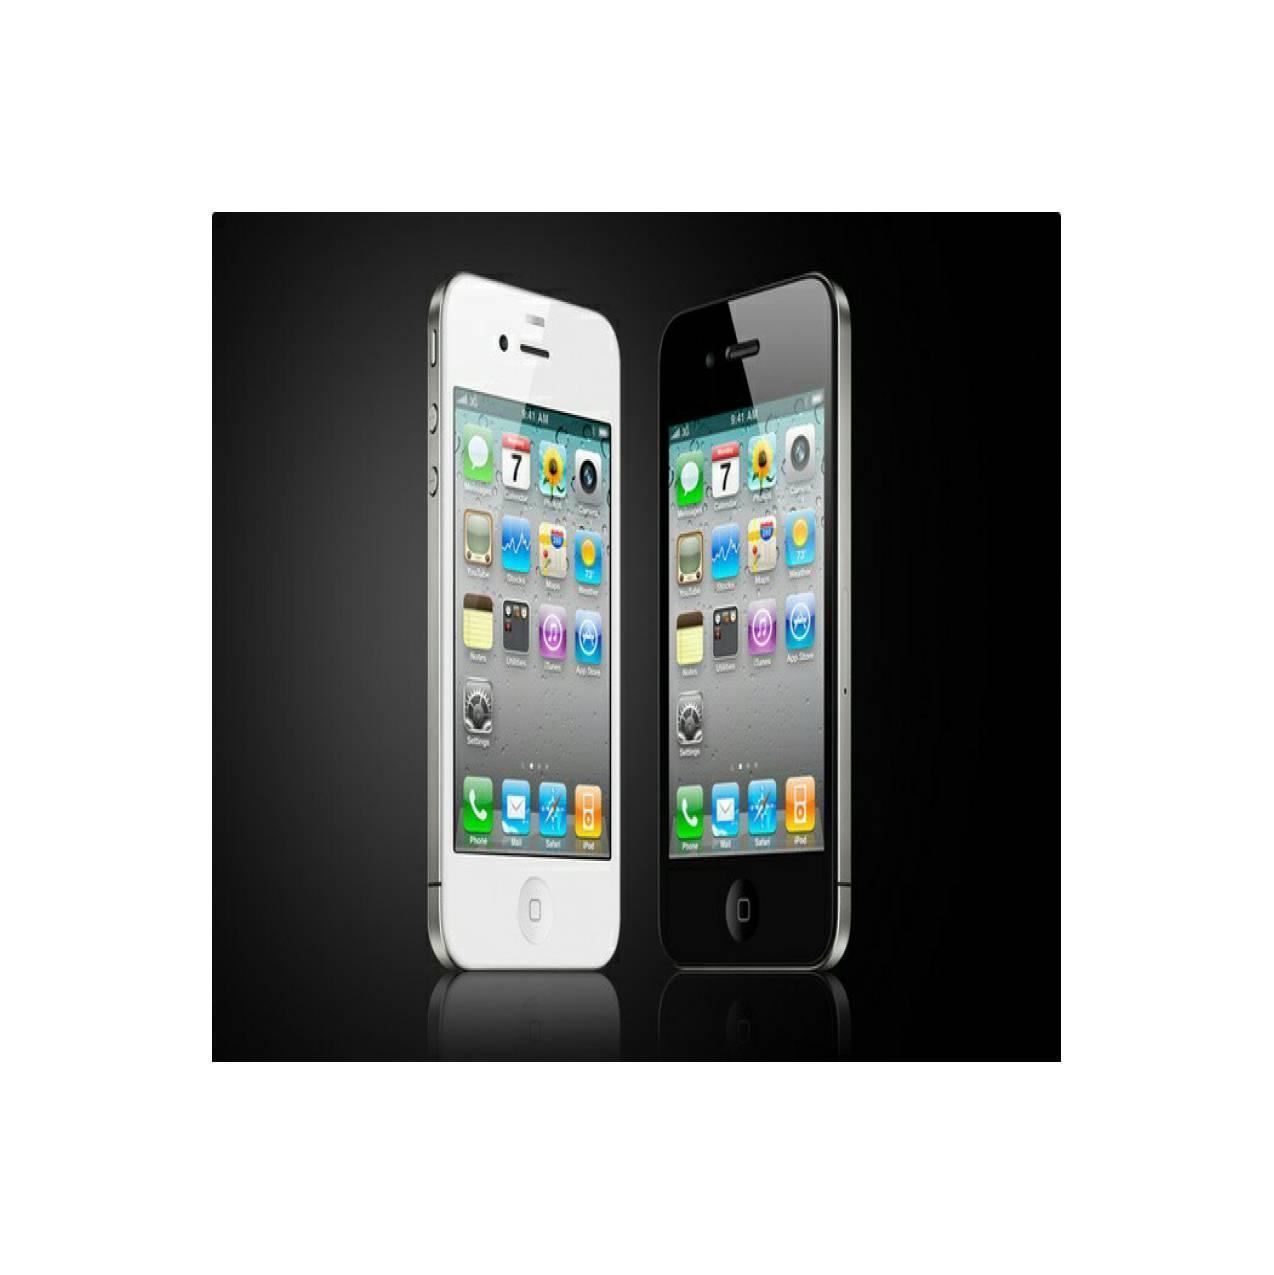 Daftar Harga Iphone 4s 16gb Garansi Distributor Termurah 2018 Fu 1 Tahun Index Hp Nokia C3 Thn Seluruh Website Belanja Online